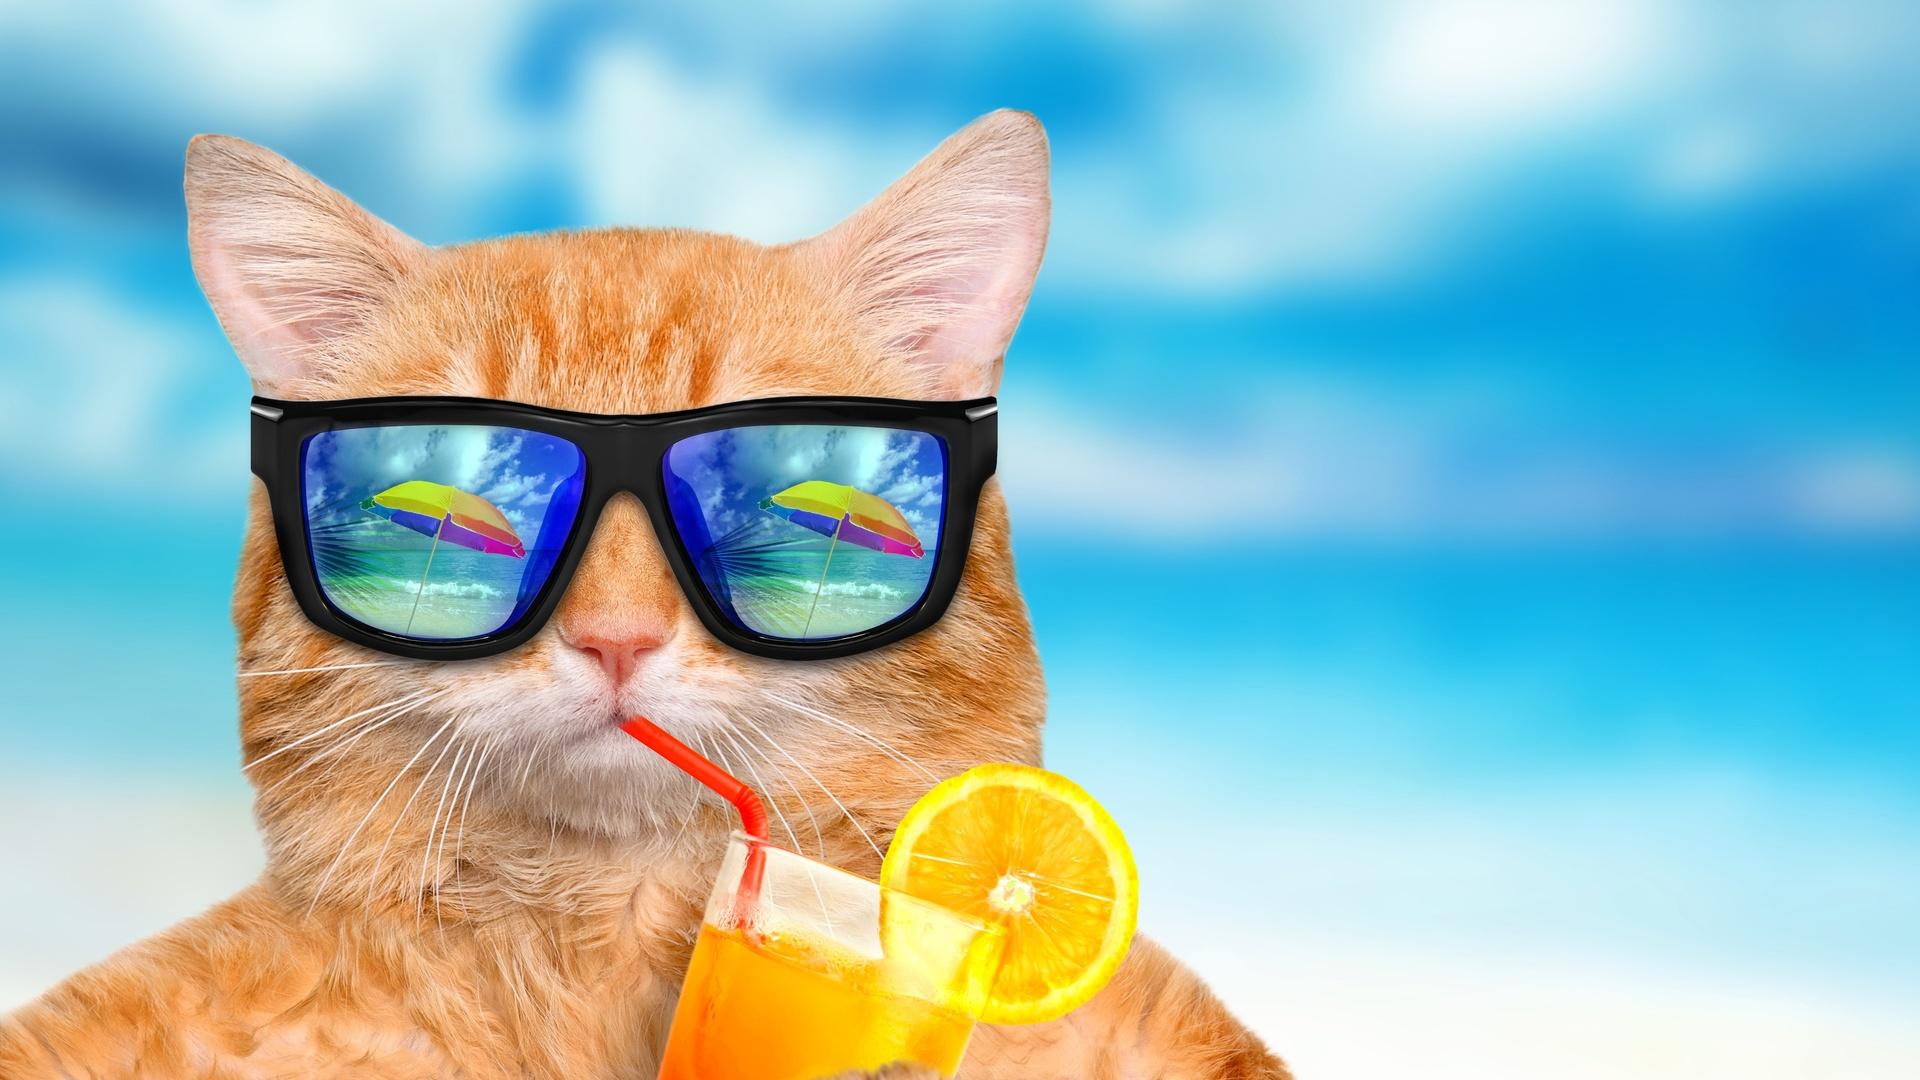 точно смешные картинки про лето отпуск кузнецов сделал